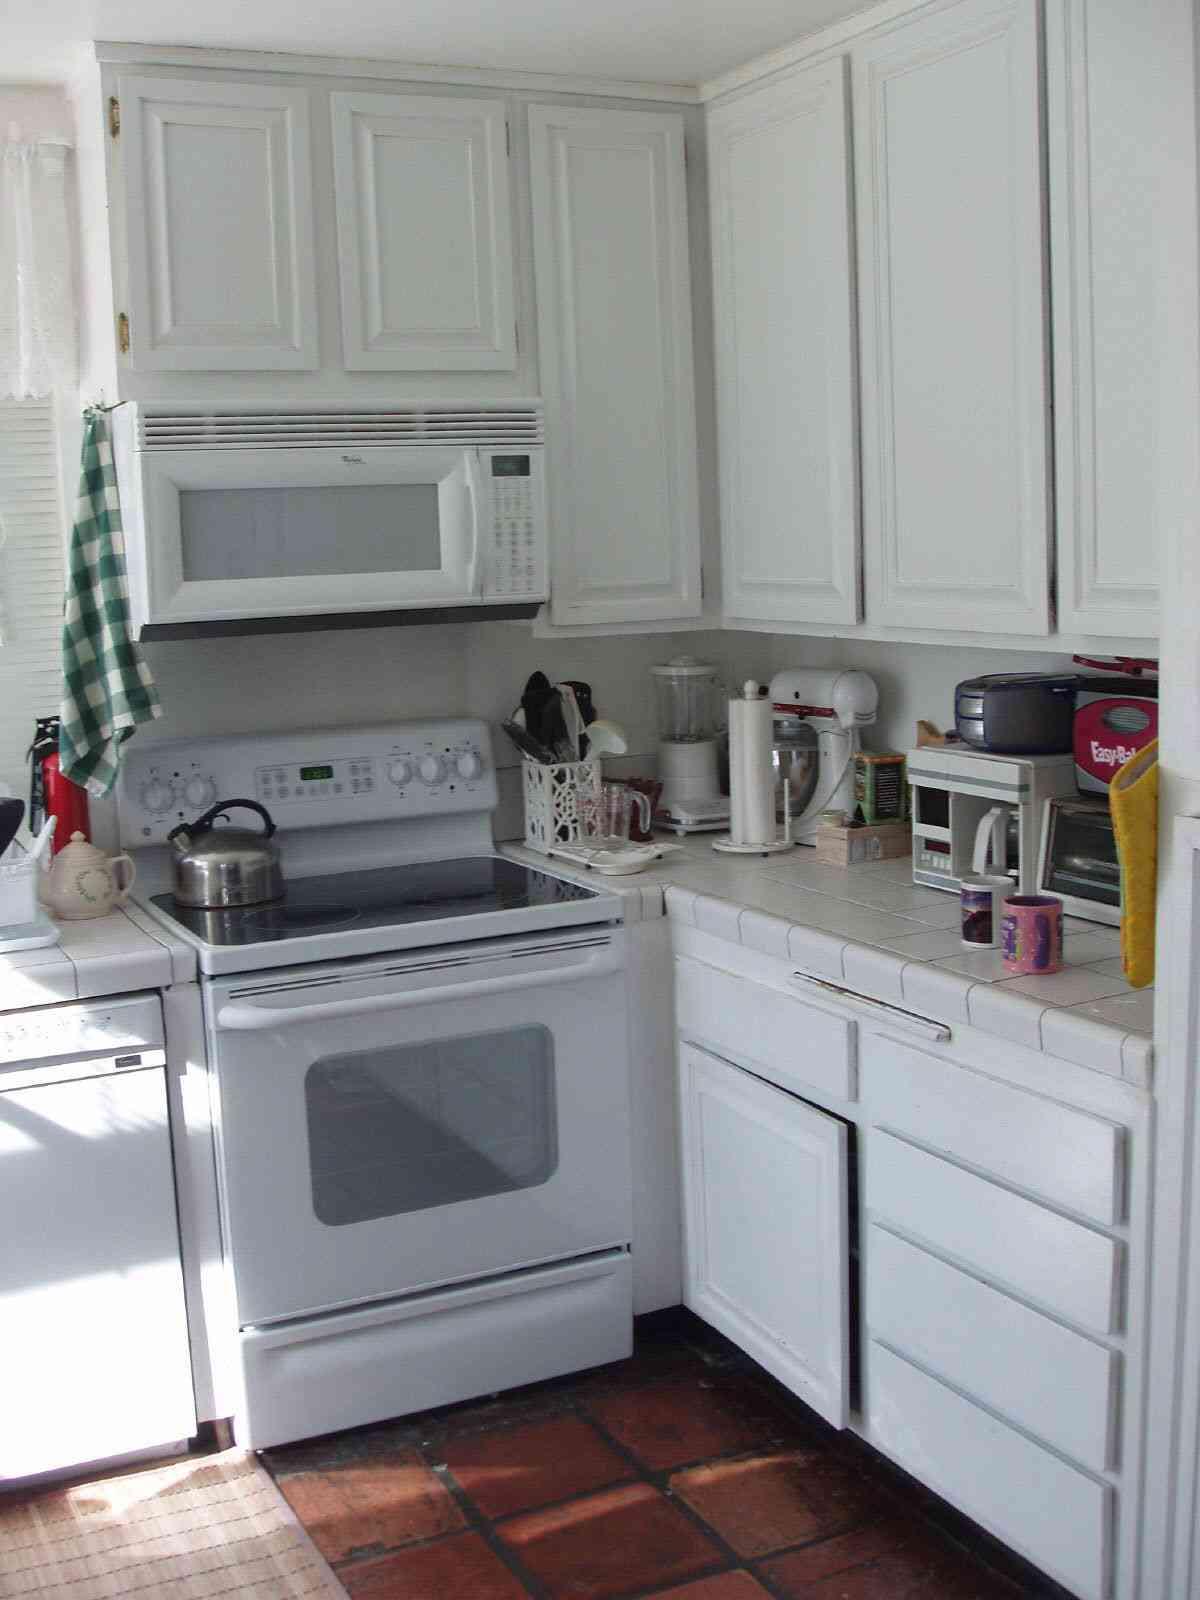 Tienes una cocina pequeña? ¡Sácale partido!